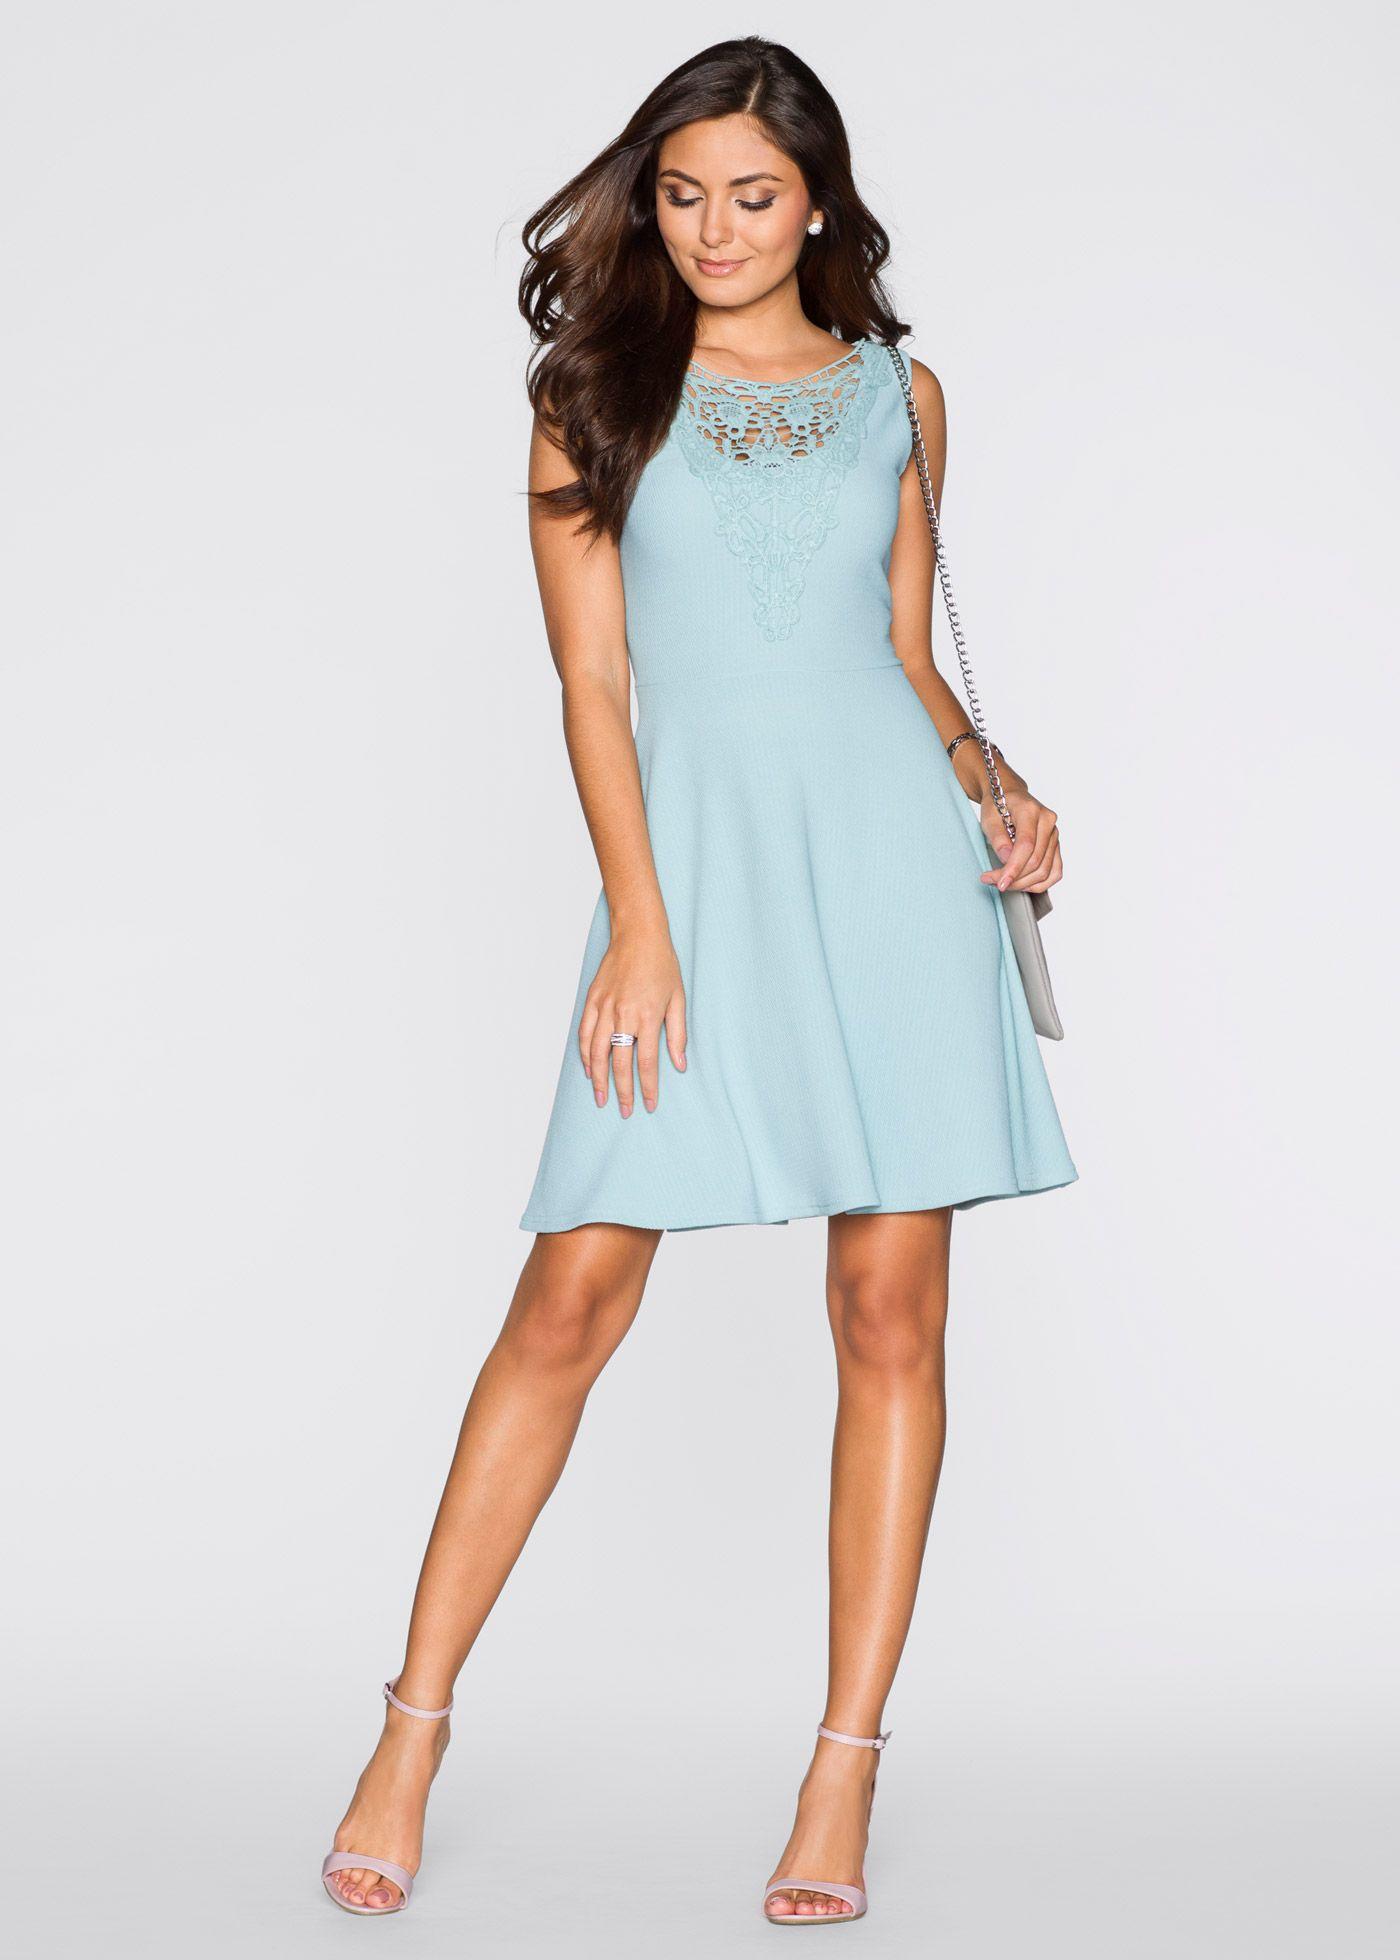 Kleid mit Spitze aquapastell - BODYFLIRT jetzt im Online Shop von